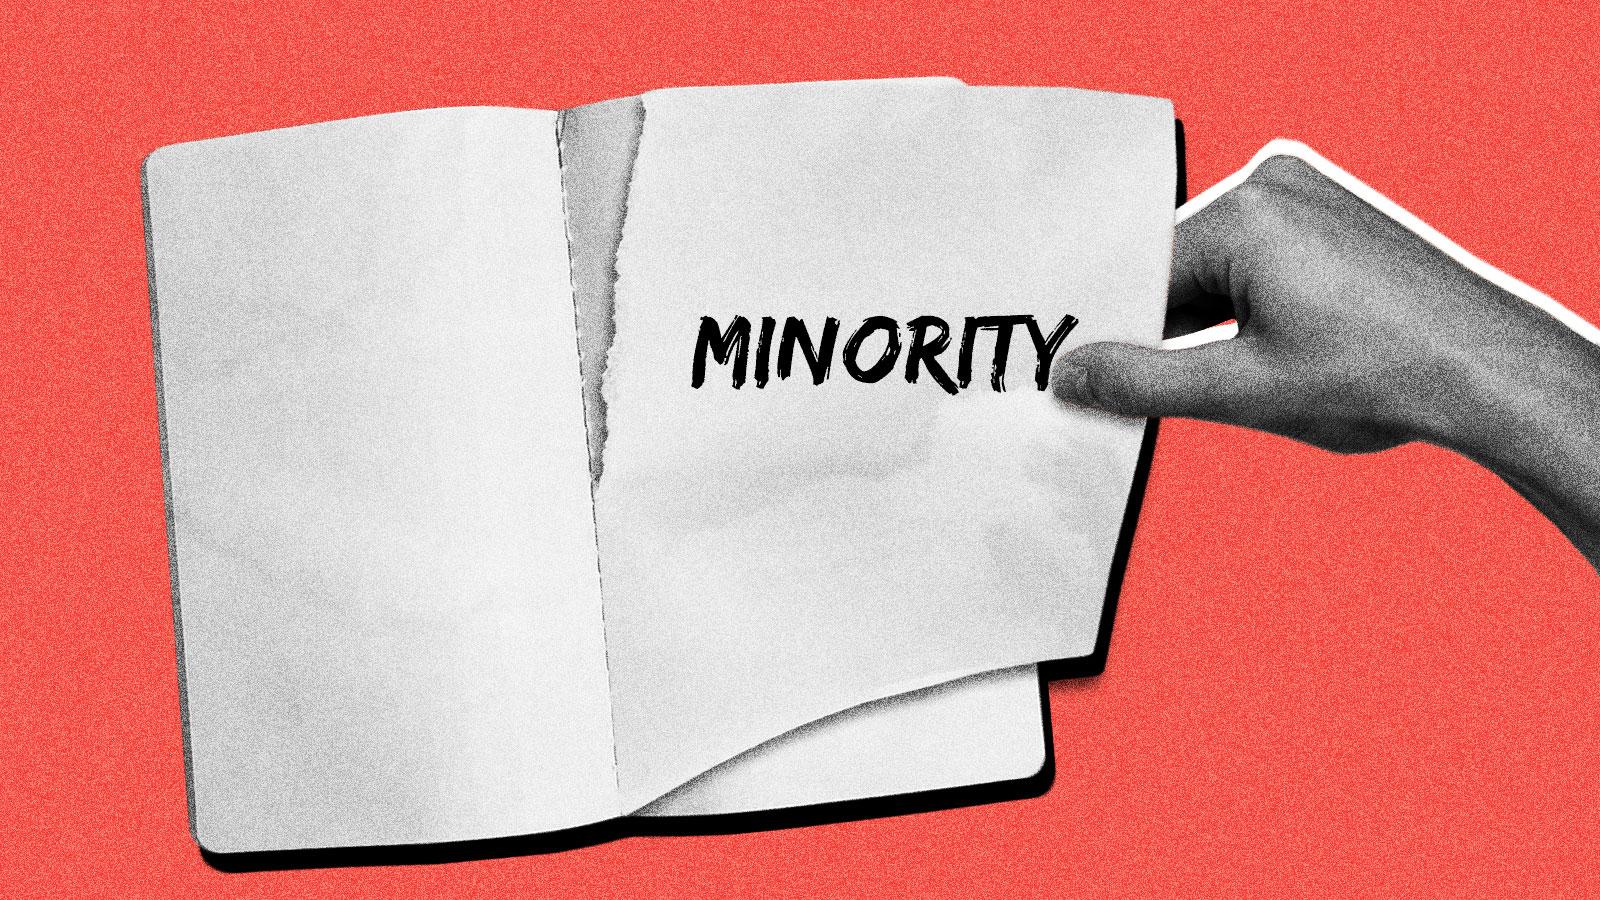 """O termo """"minoria"""" nunca fez sentido. Vamos cancelar."""